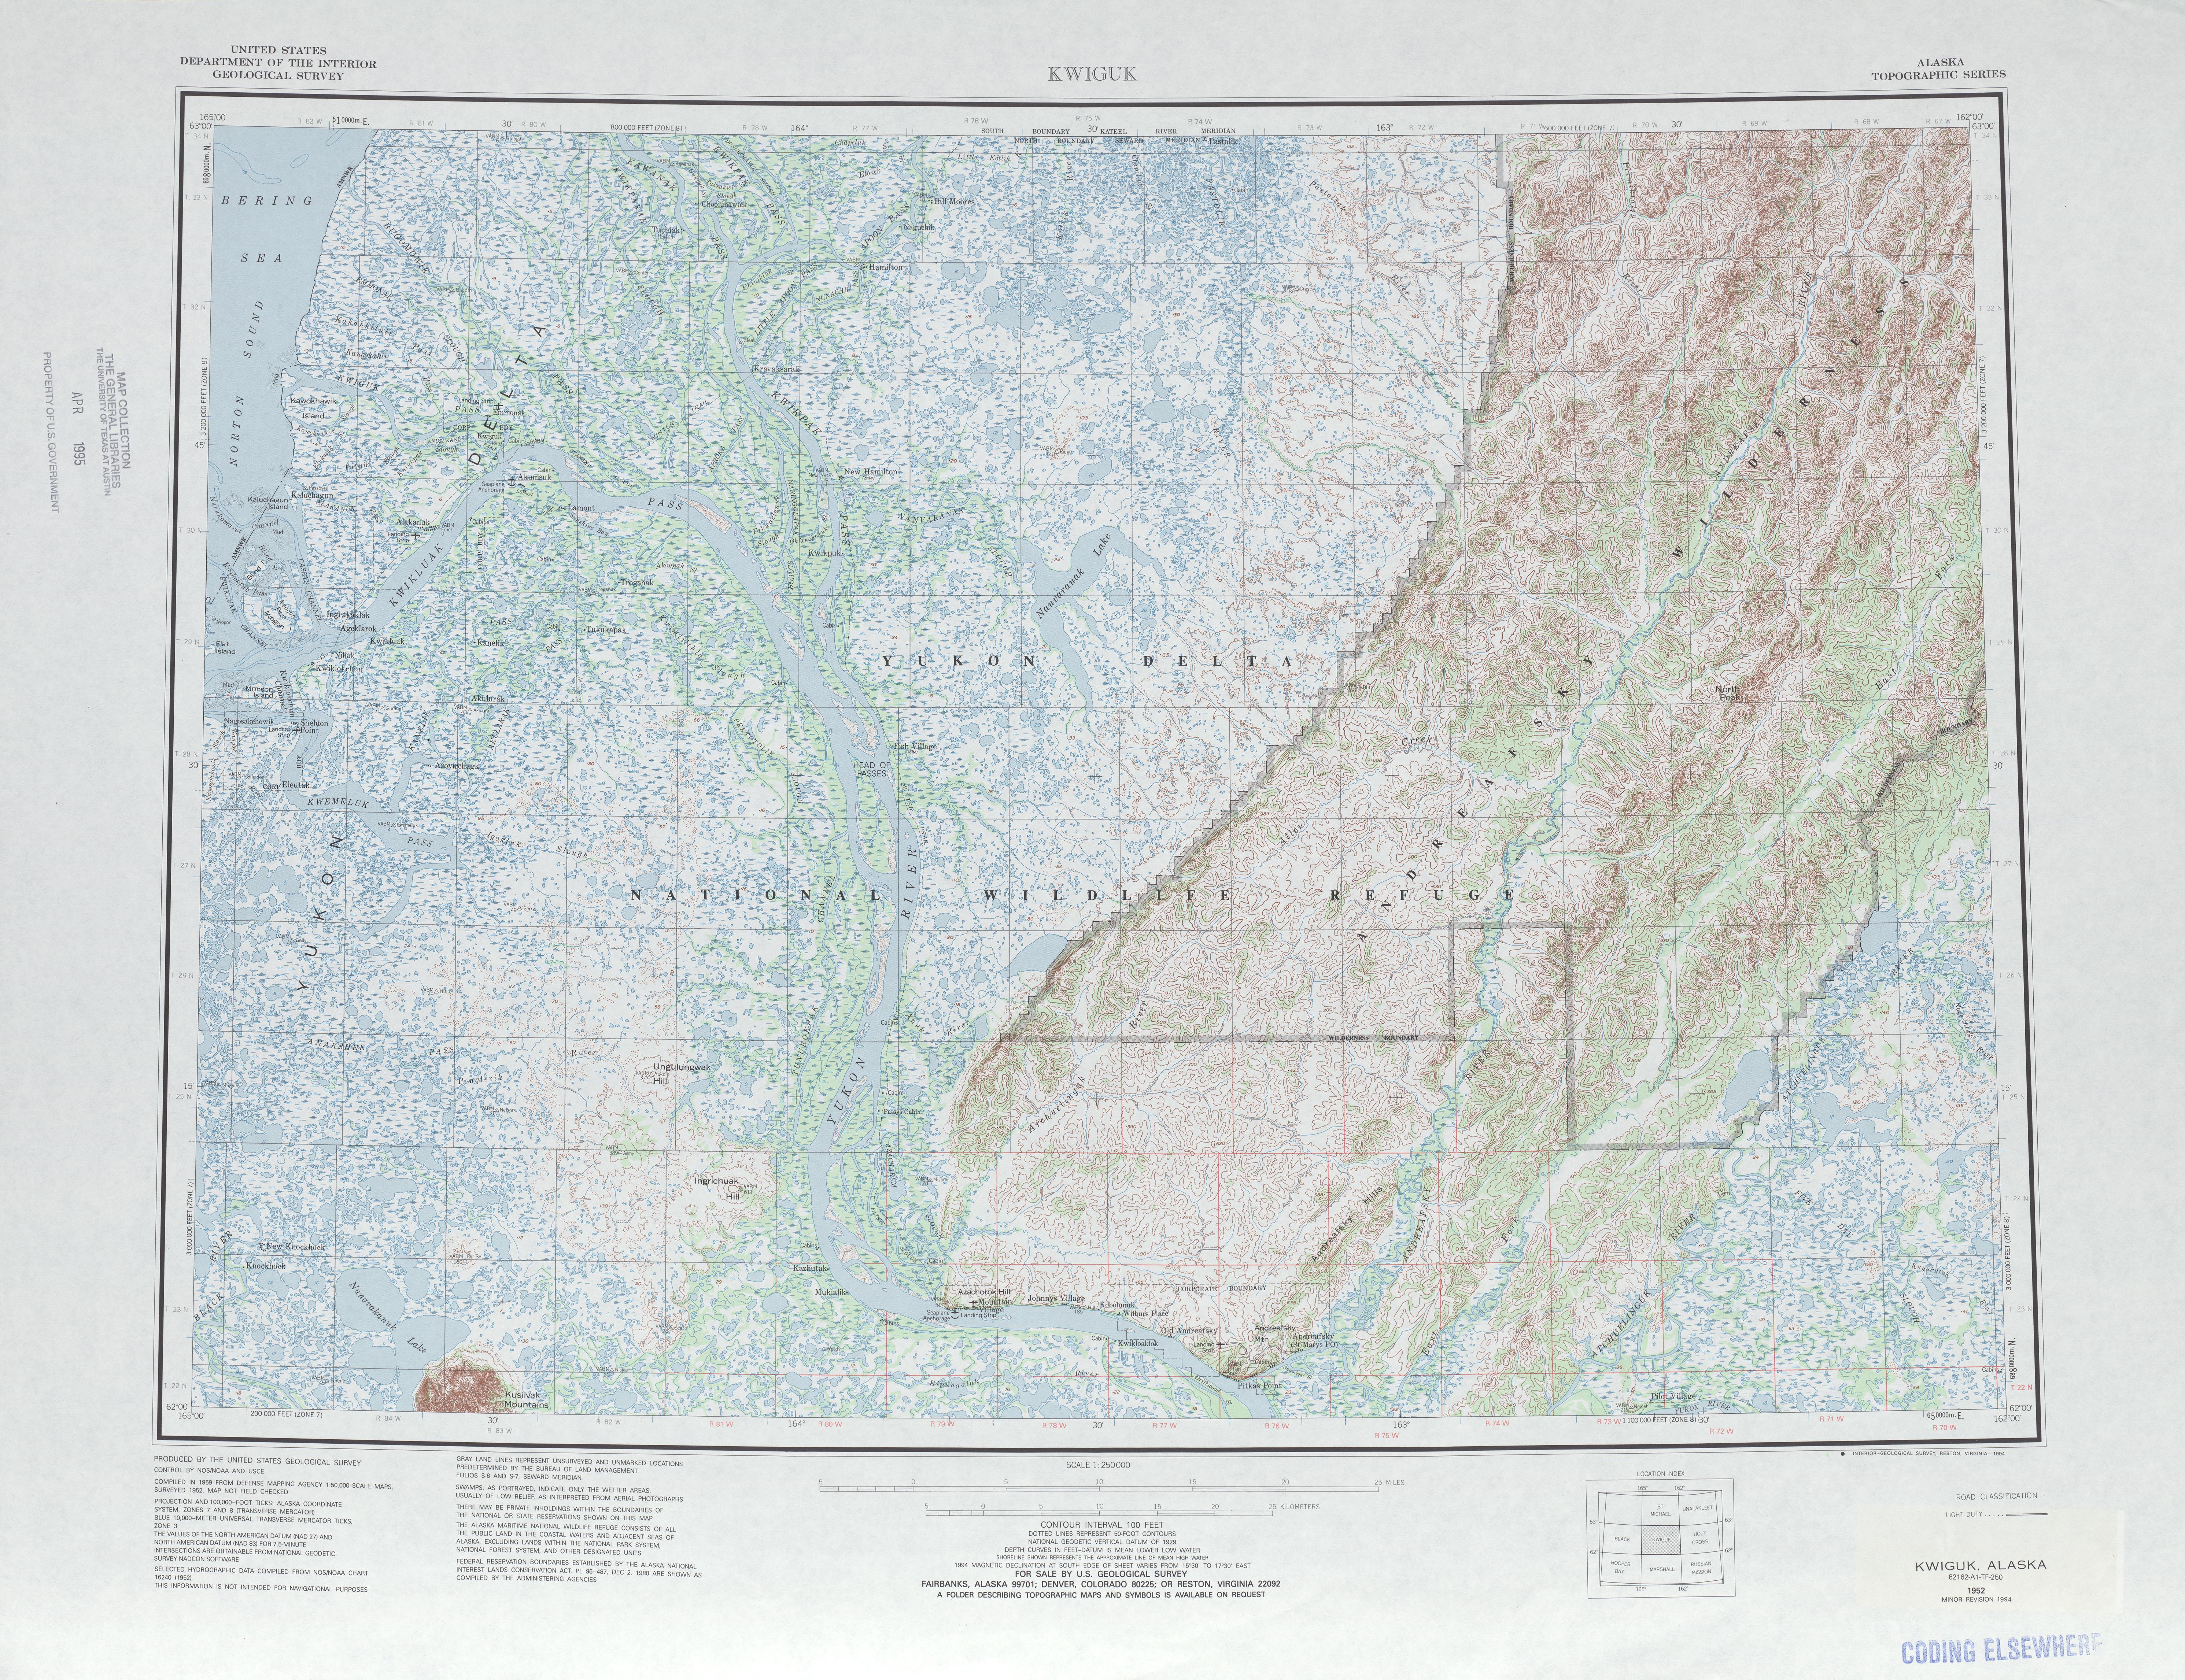 Kwiguk Topographic Map Sheet, United States 1994